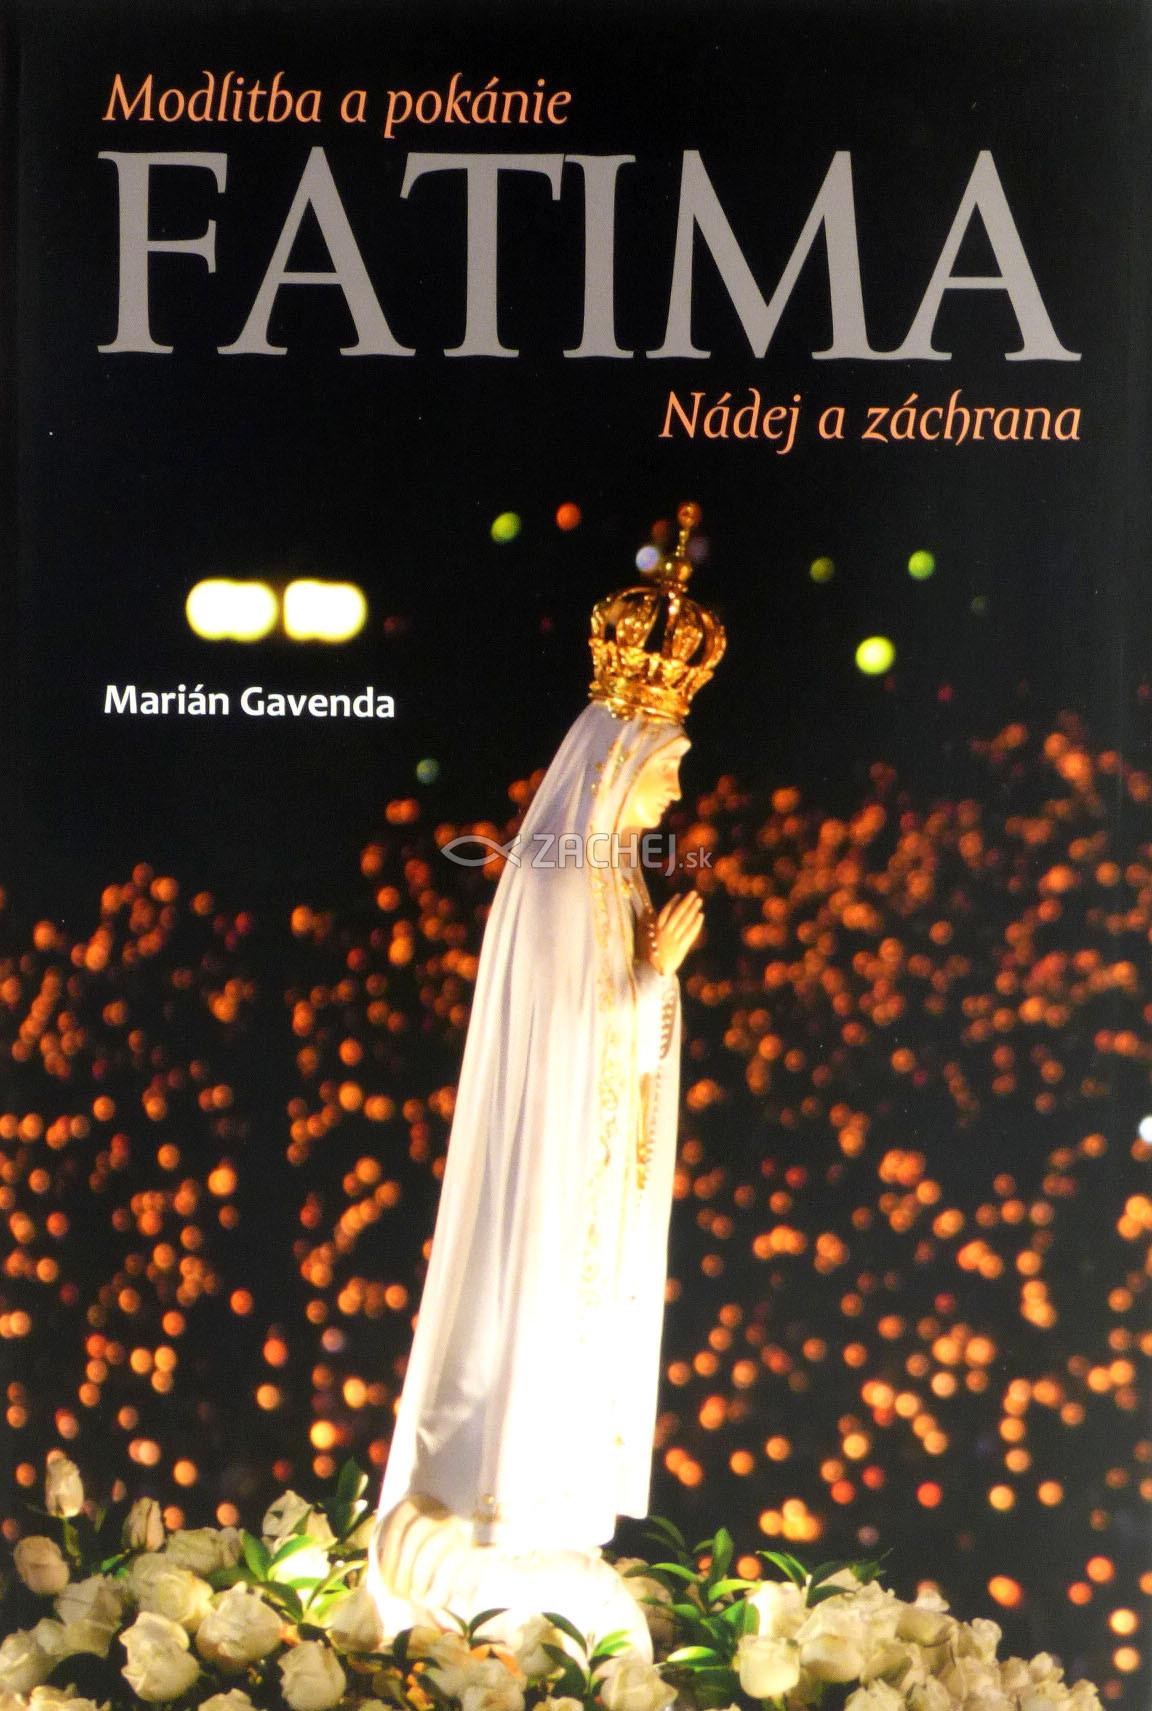 Fatima - Modlitba a pokánie - Nádej a záchrana